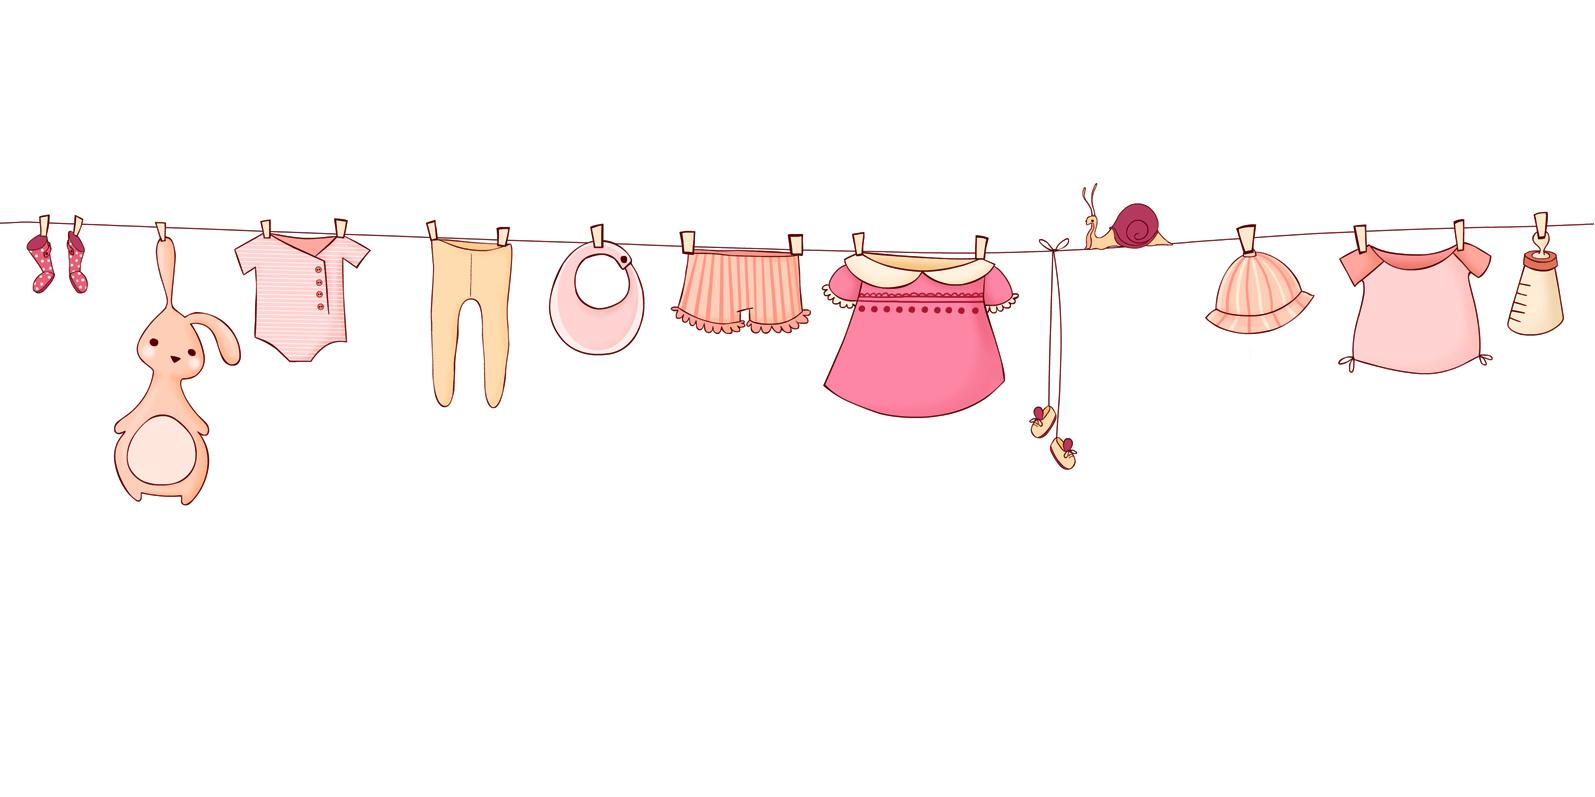 Sono al mondo il corredino per l 39 ospedale - Lista di cose da portare in ospedale per il parto ...